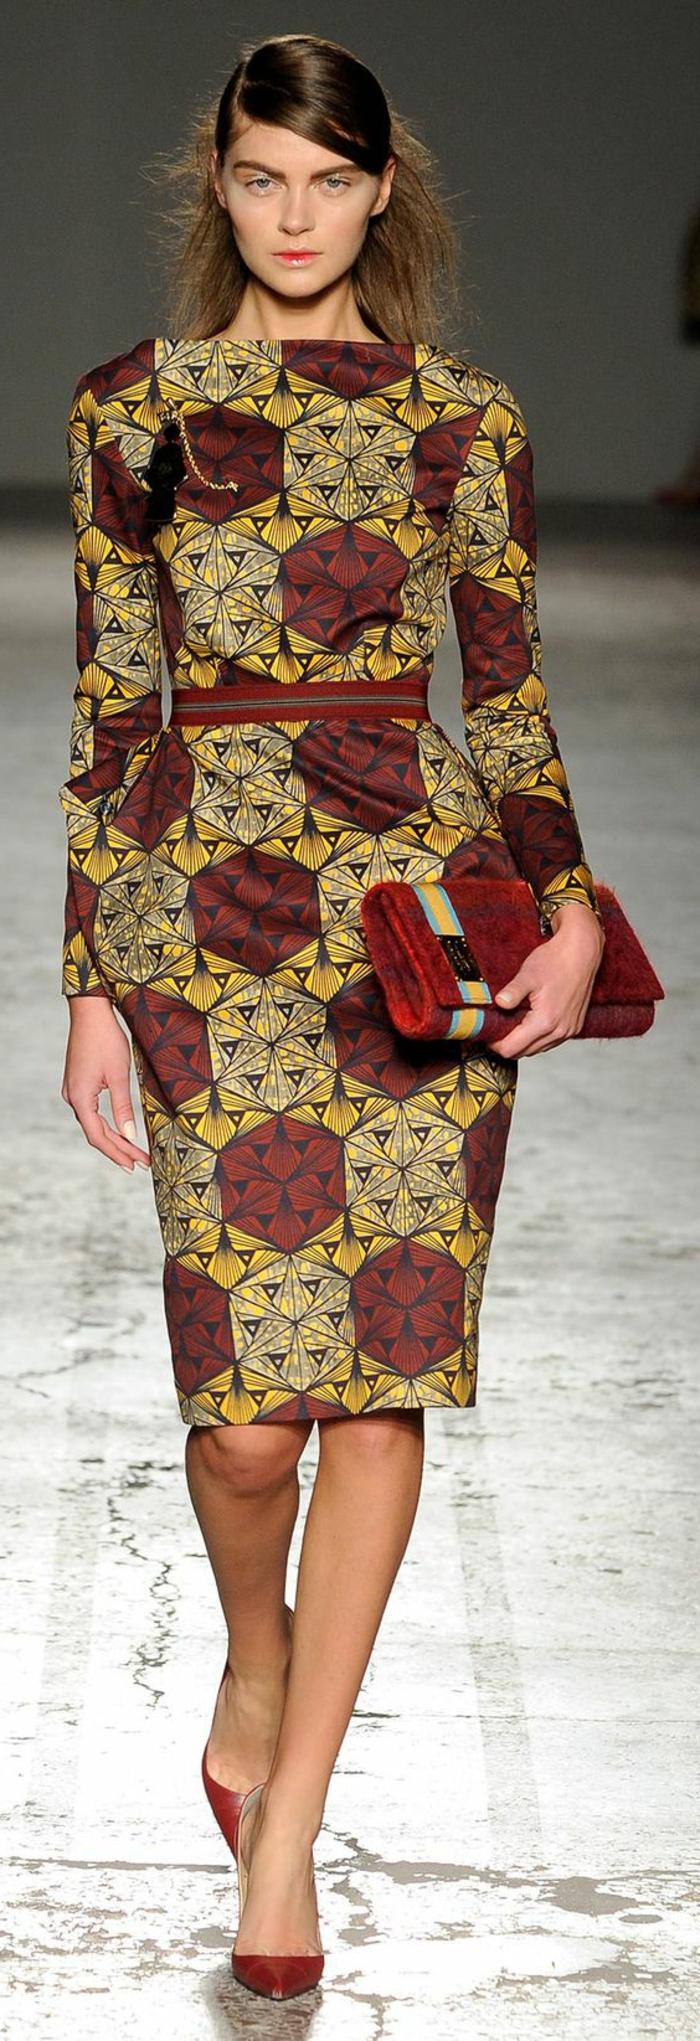 robe ethnique, robe crayon couleur vert-marron, prints africais, sac à main rouge